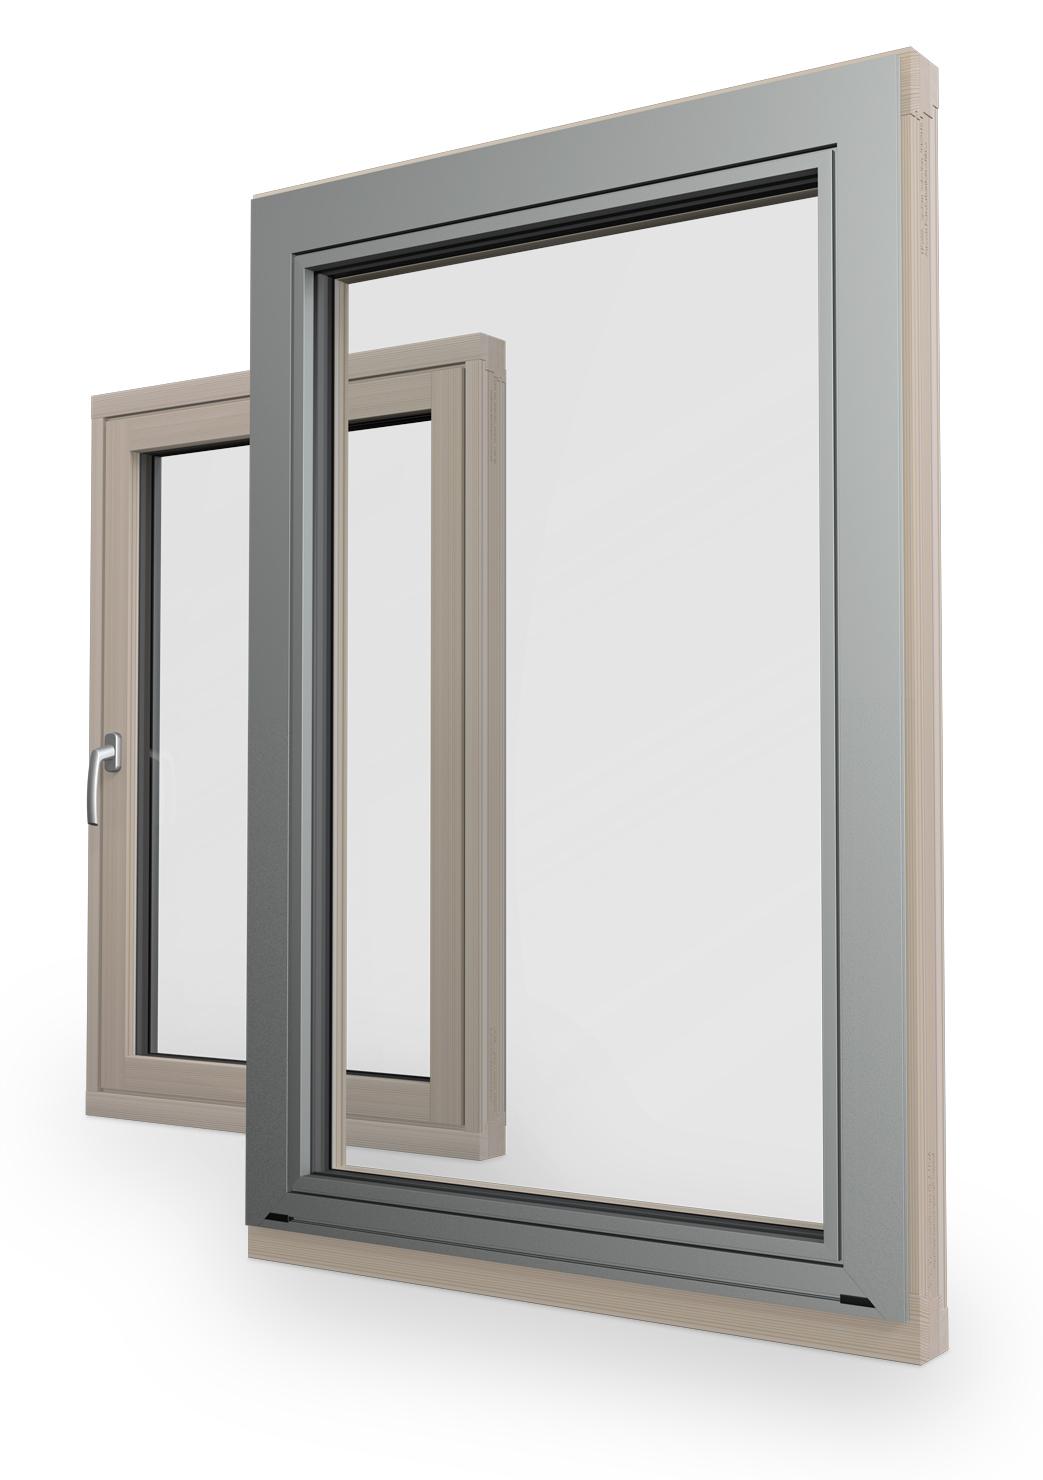 Full Size of Fenster Holz Alu Preisvergleich Aluminium Kunststoff Preise Pro M2 Qm Kosten Wertbau Online Konfigurieren Rollo Runde Erneuern Jalousien Regale Rehau Cd Regal Fenster Fenster Holz Alu